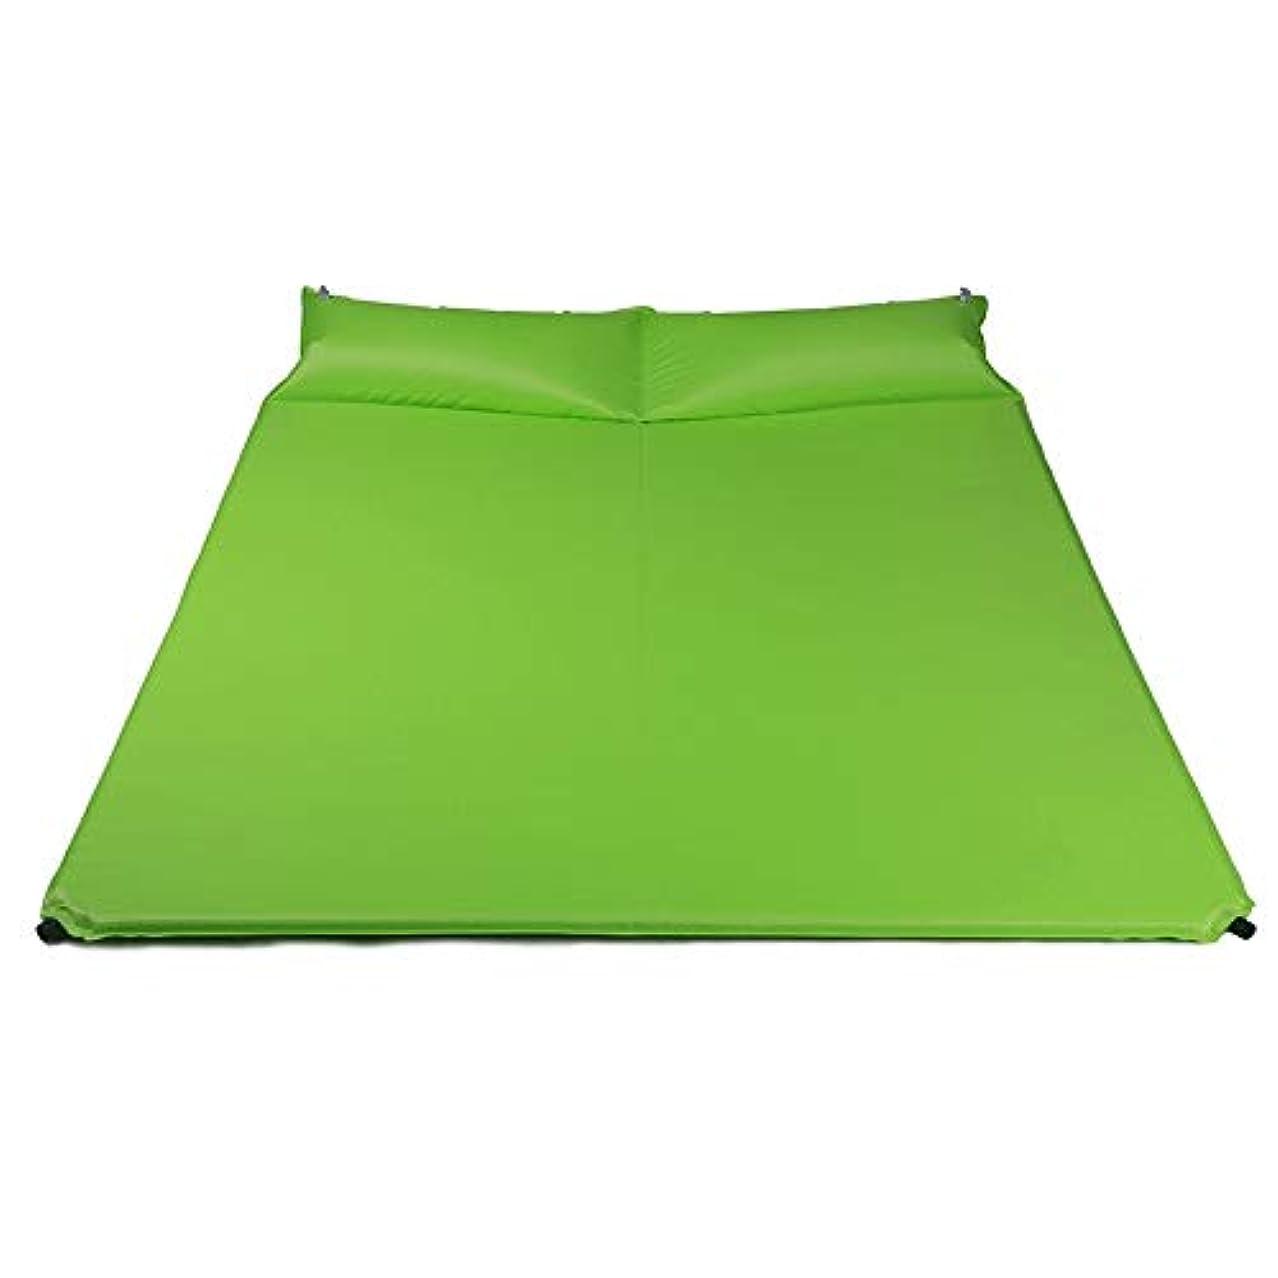 くさび起業家彼女自身Jia Xing インフレータブルクッション防湿キャンプ自動インフレータブルベッドクッションダブルベッド大人用ダブルエアーベッドキャンプエアーベッドエアーベッド エアベッド (Color : Green)